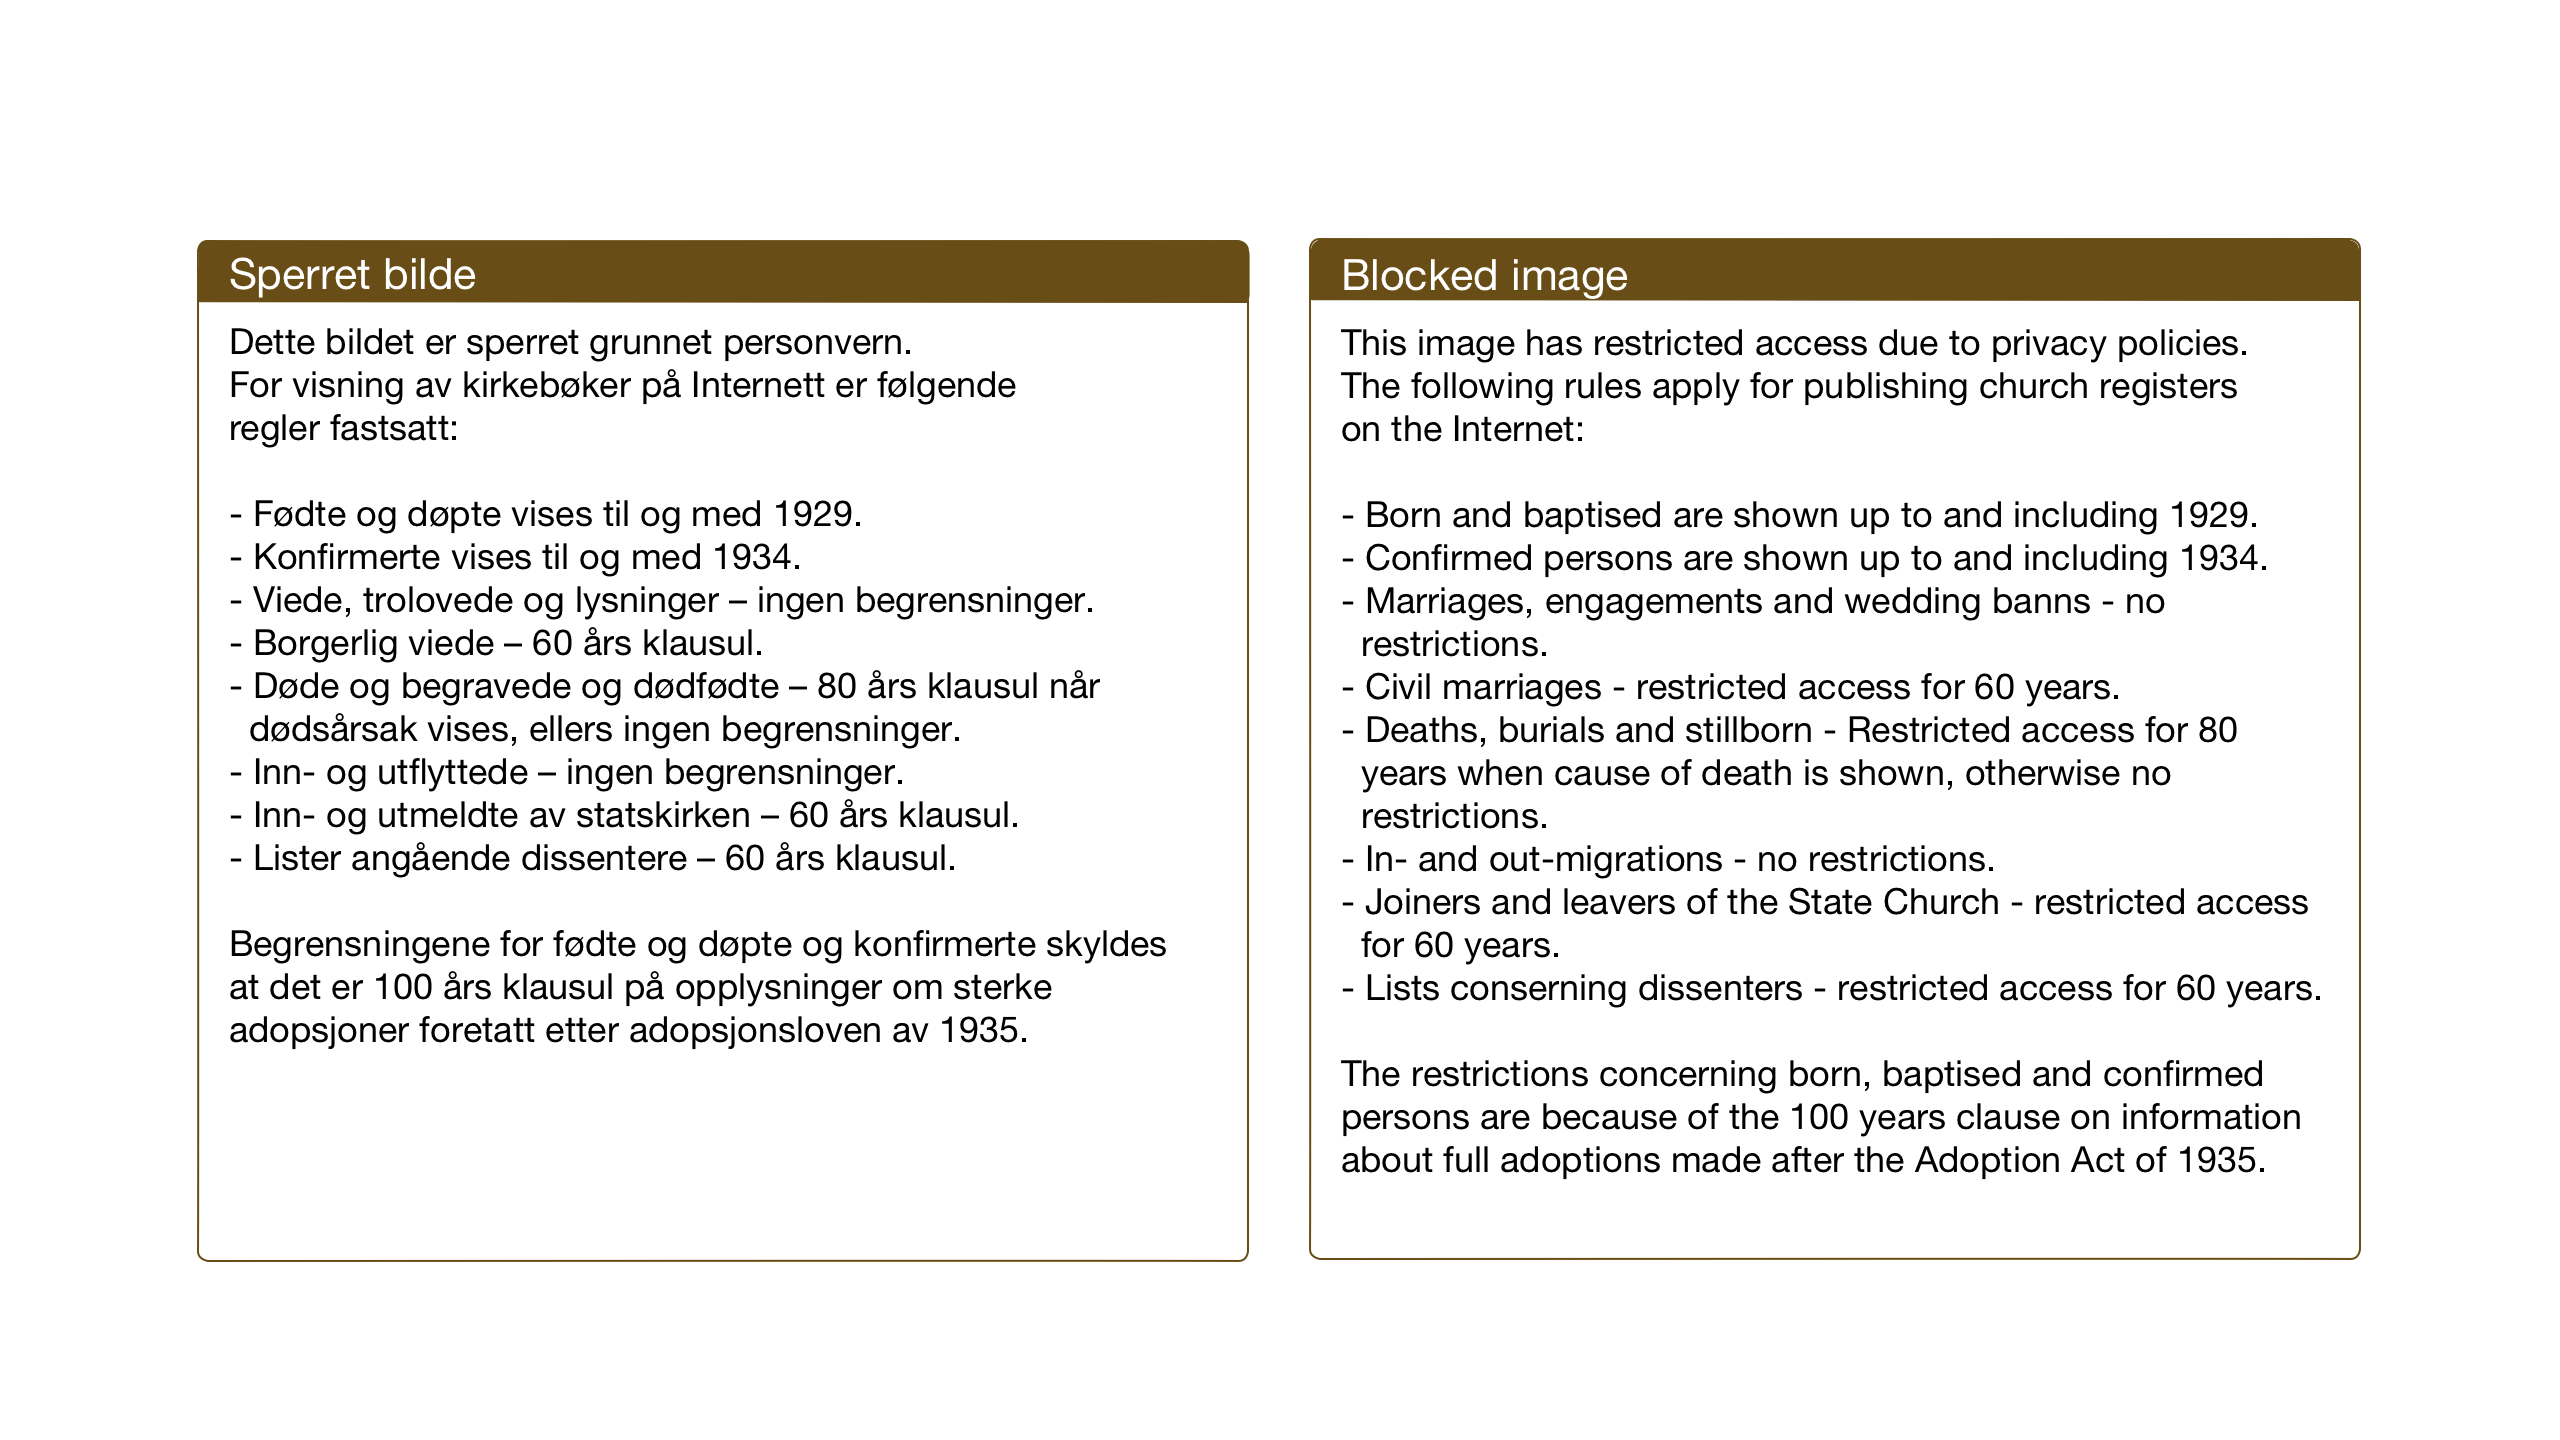 SAT, Ministerialprotokoller, klokkerbøker og fødselsregistre - Nord-Trøndelag, 755/L0500: Klokkerbok nr. 755C01, 1920-1962, s. 18